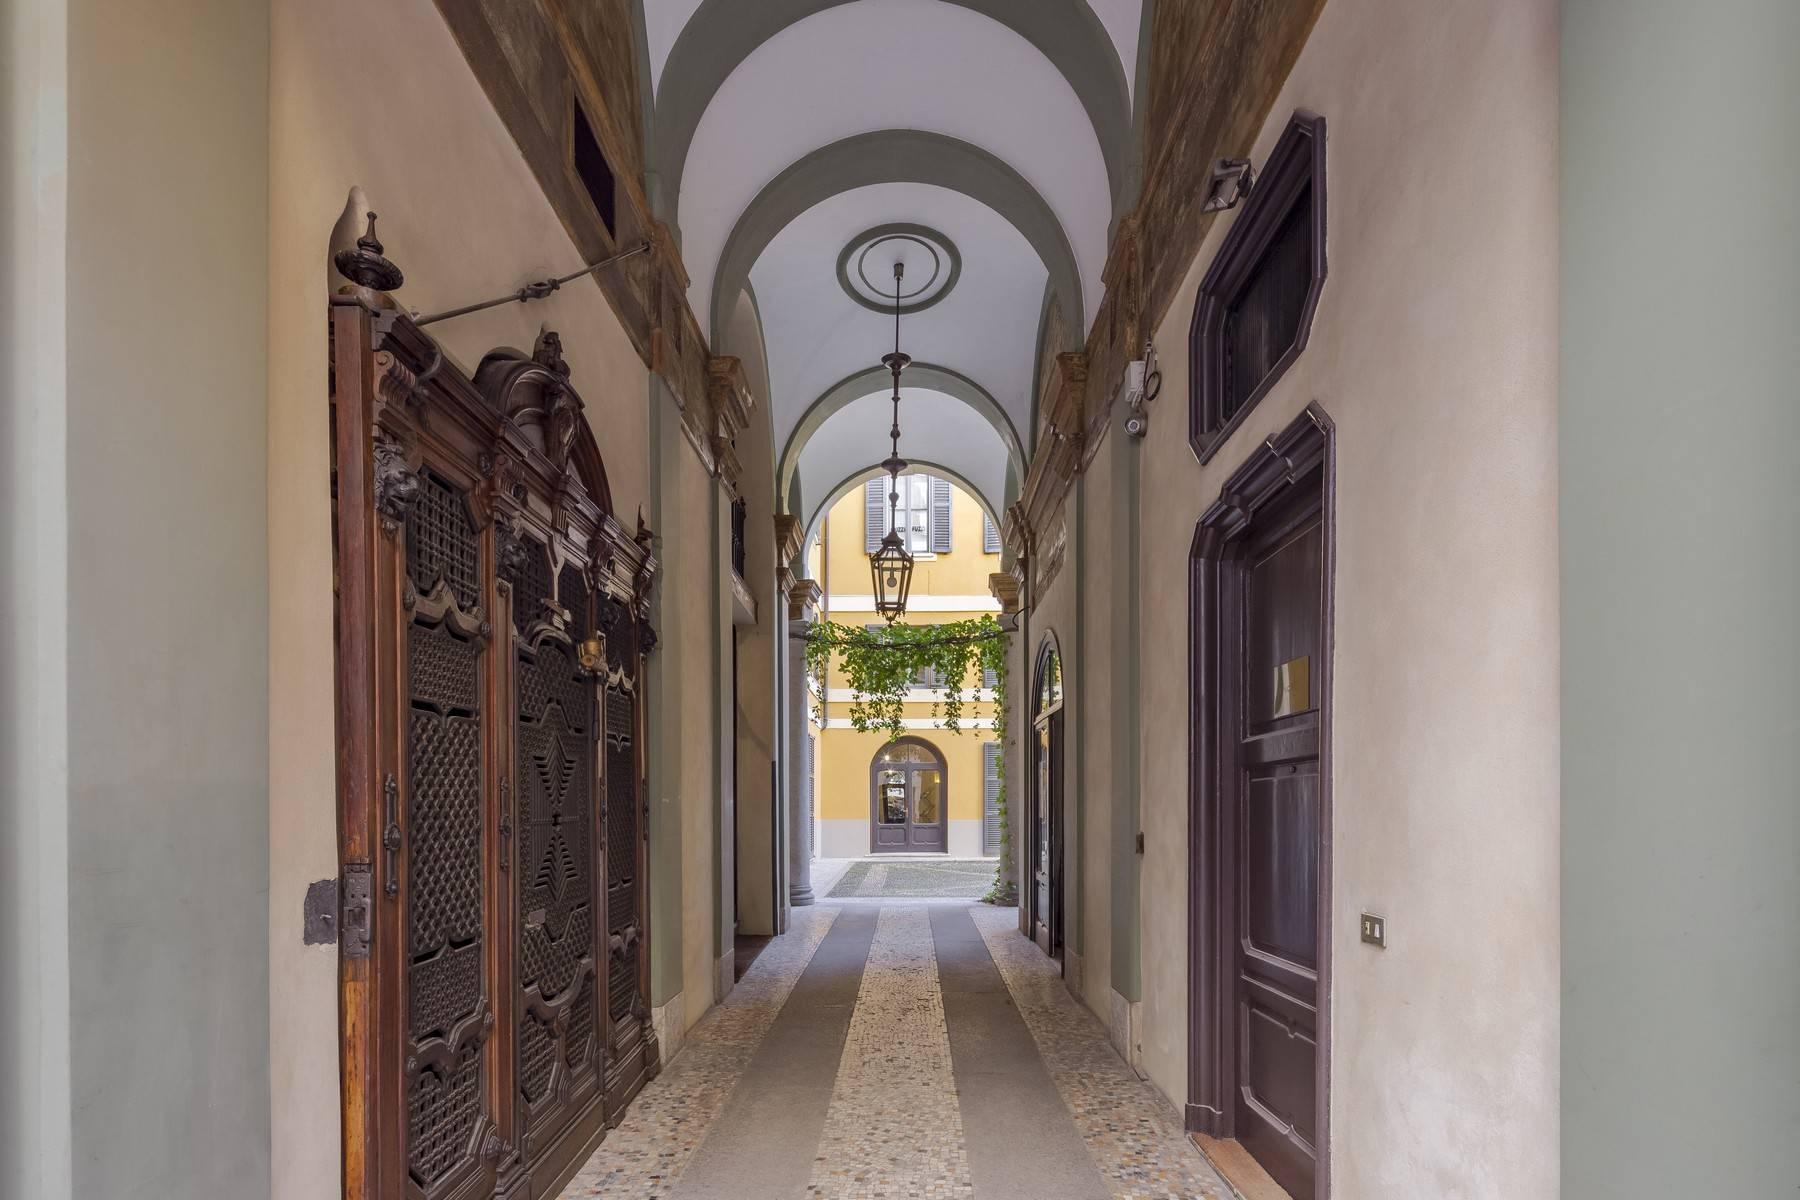 Negozio-locale in Affitto a Milano 01 Centro storico (Cerchia dei Navigli): 2 locali, 100 mq